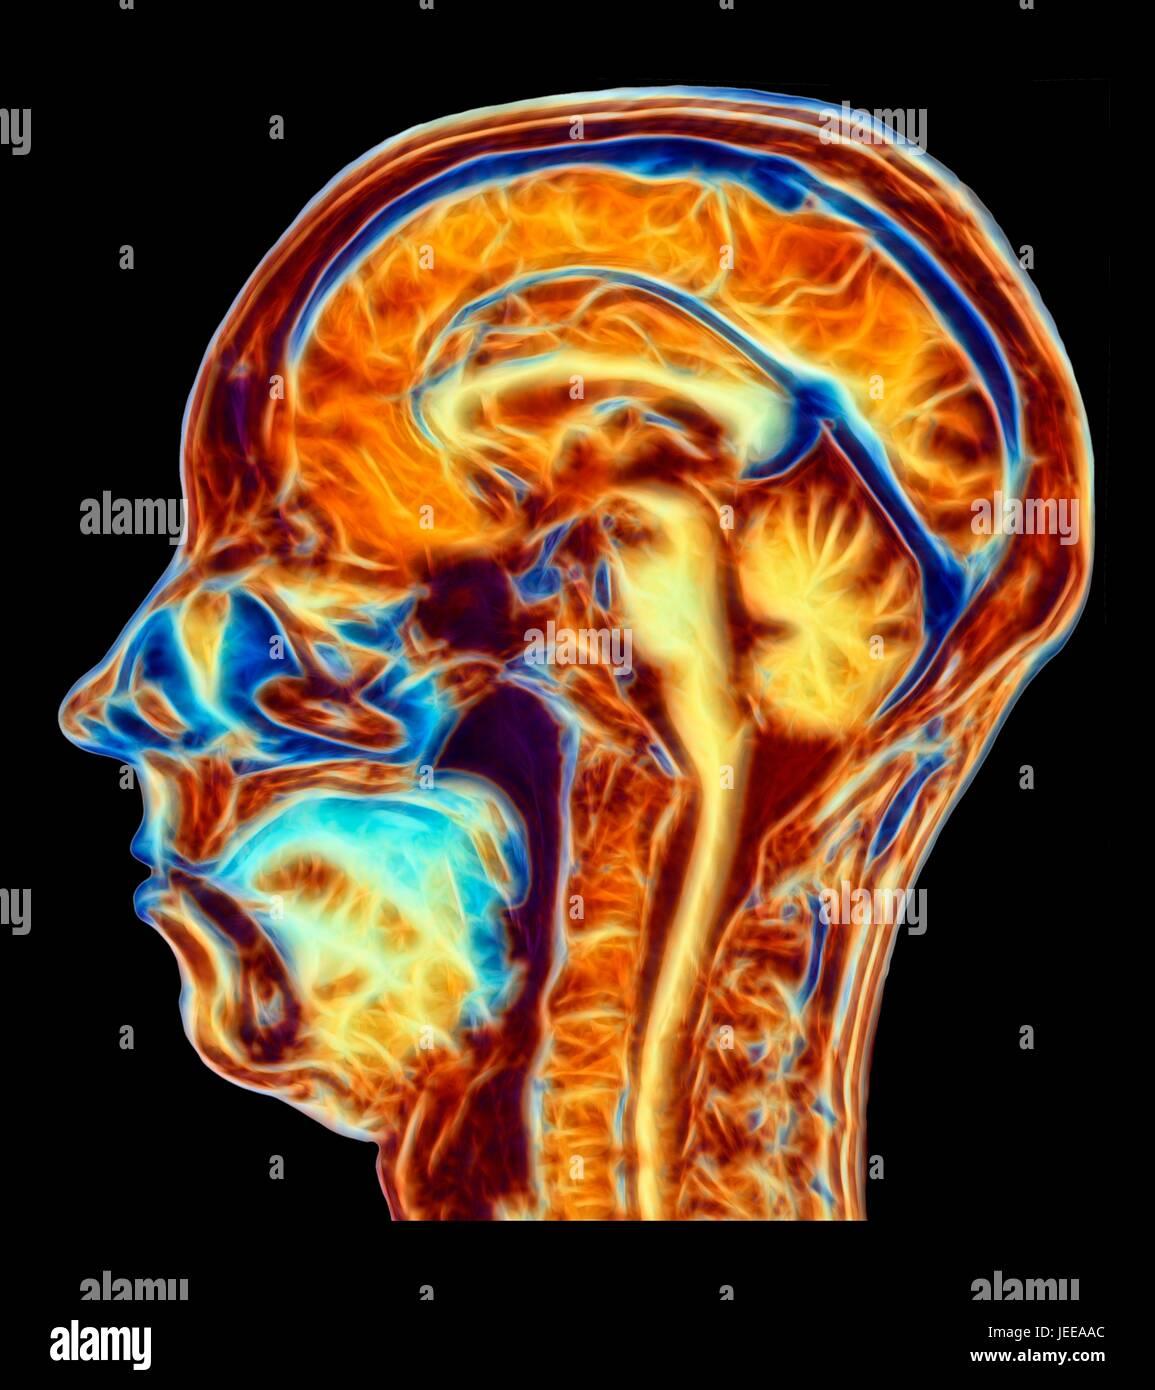 Groß Anatomie Des Gehirns Mri Zeitgenössisch - Menschliche Anatomie ...